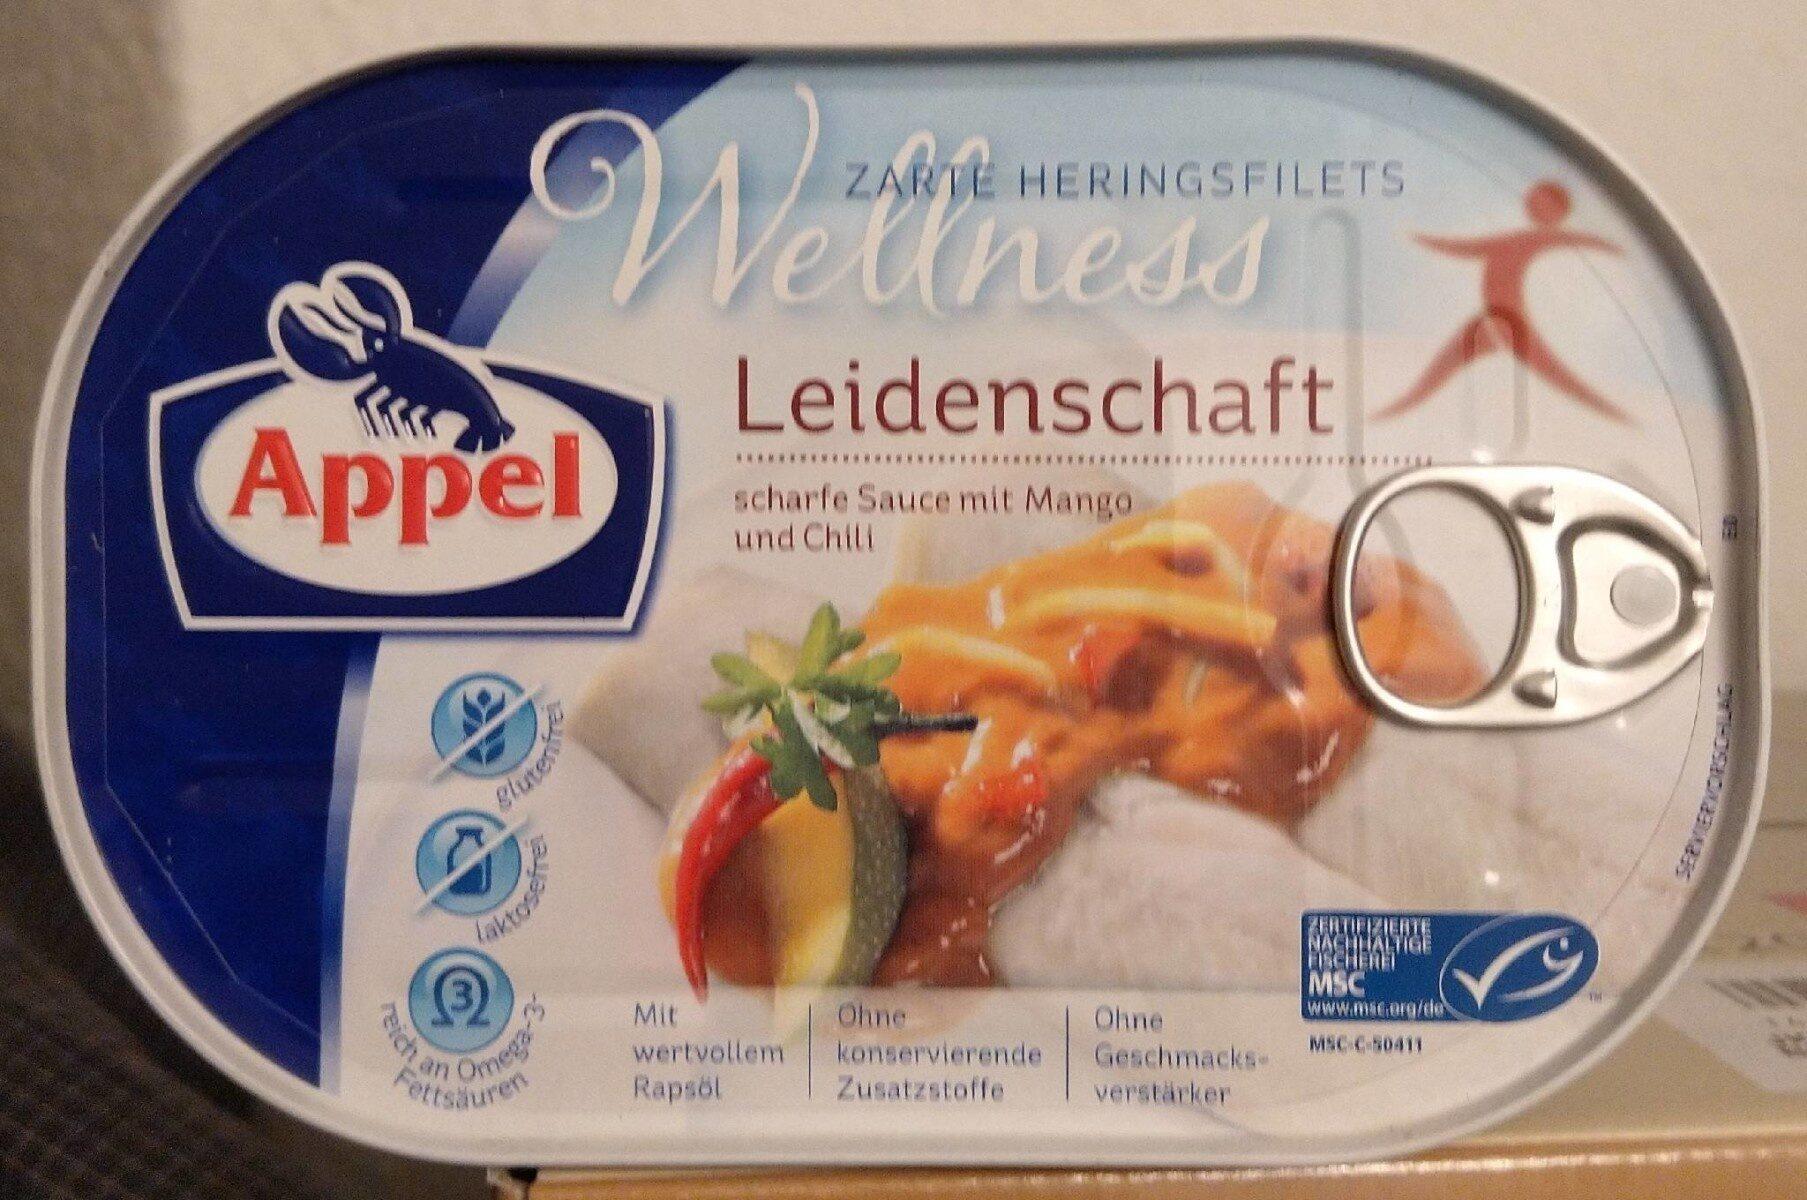 Wellness Leidenschaft zarte Heringsfilets - Produkt - de